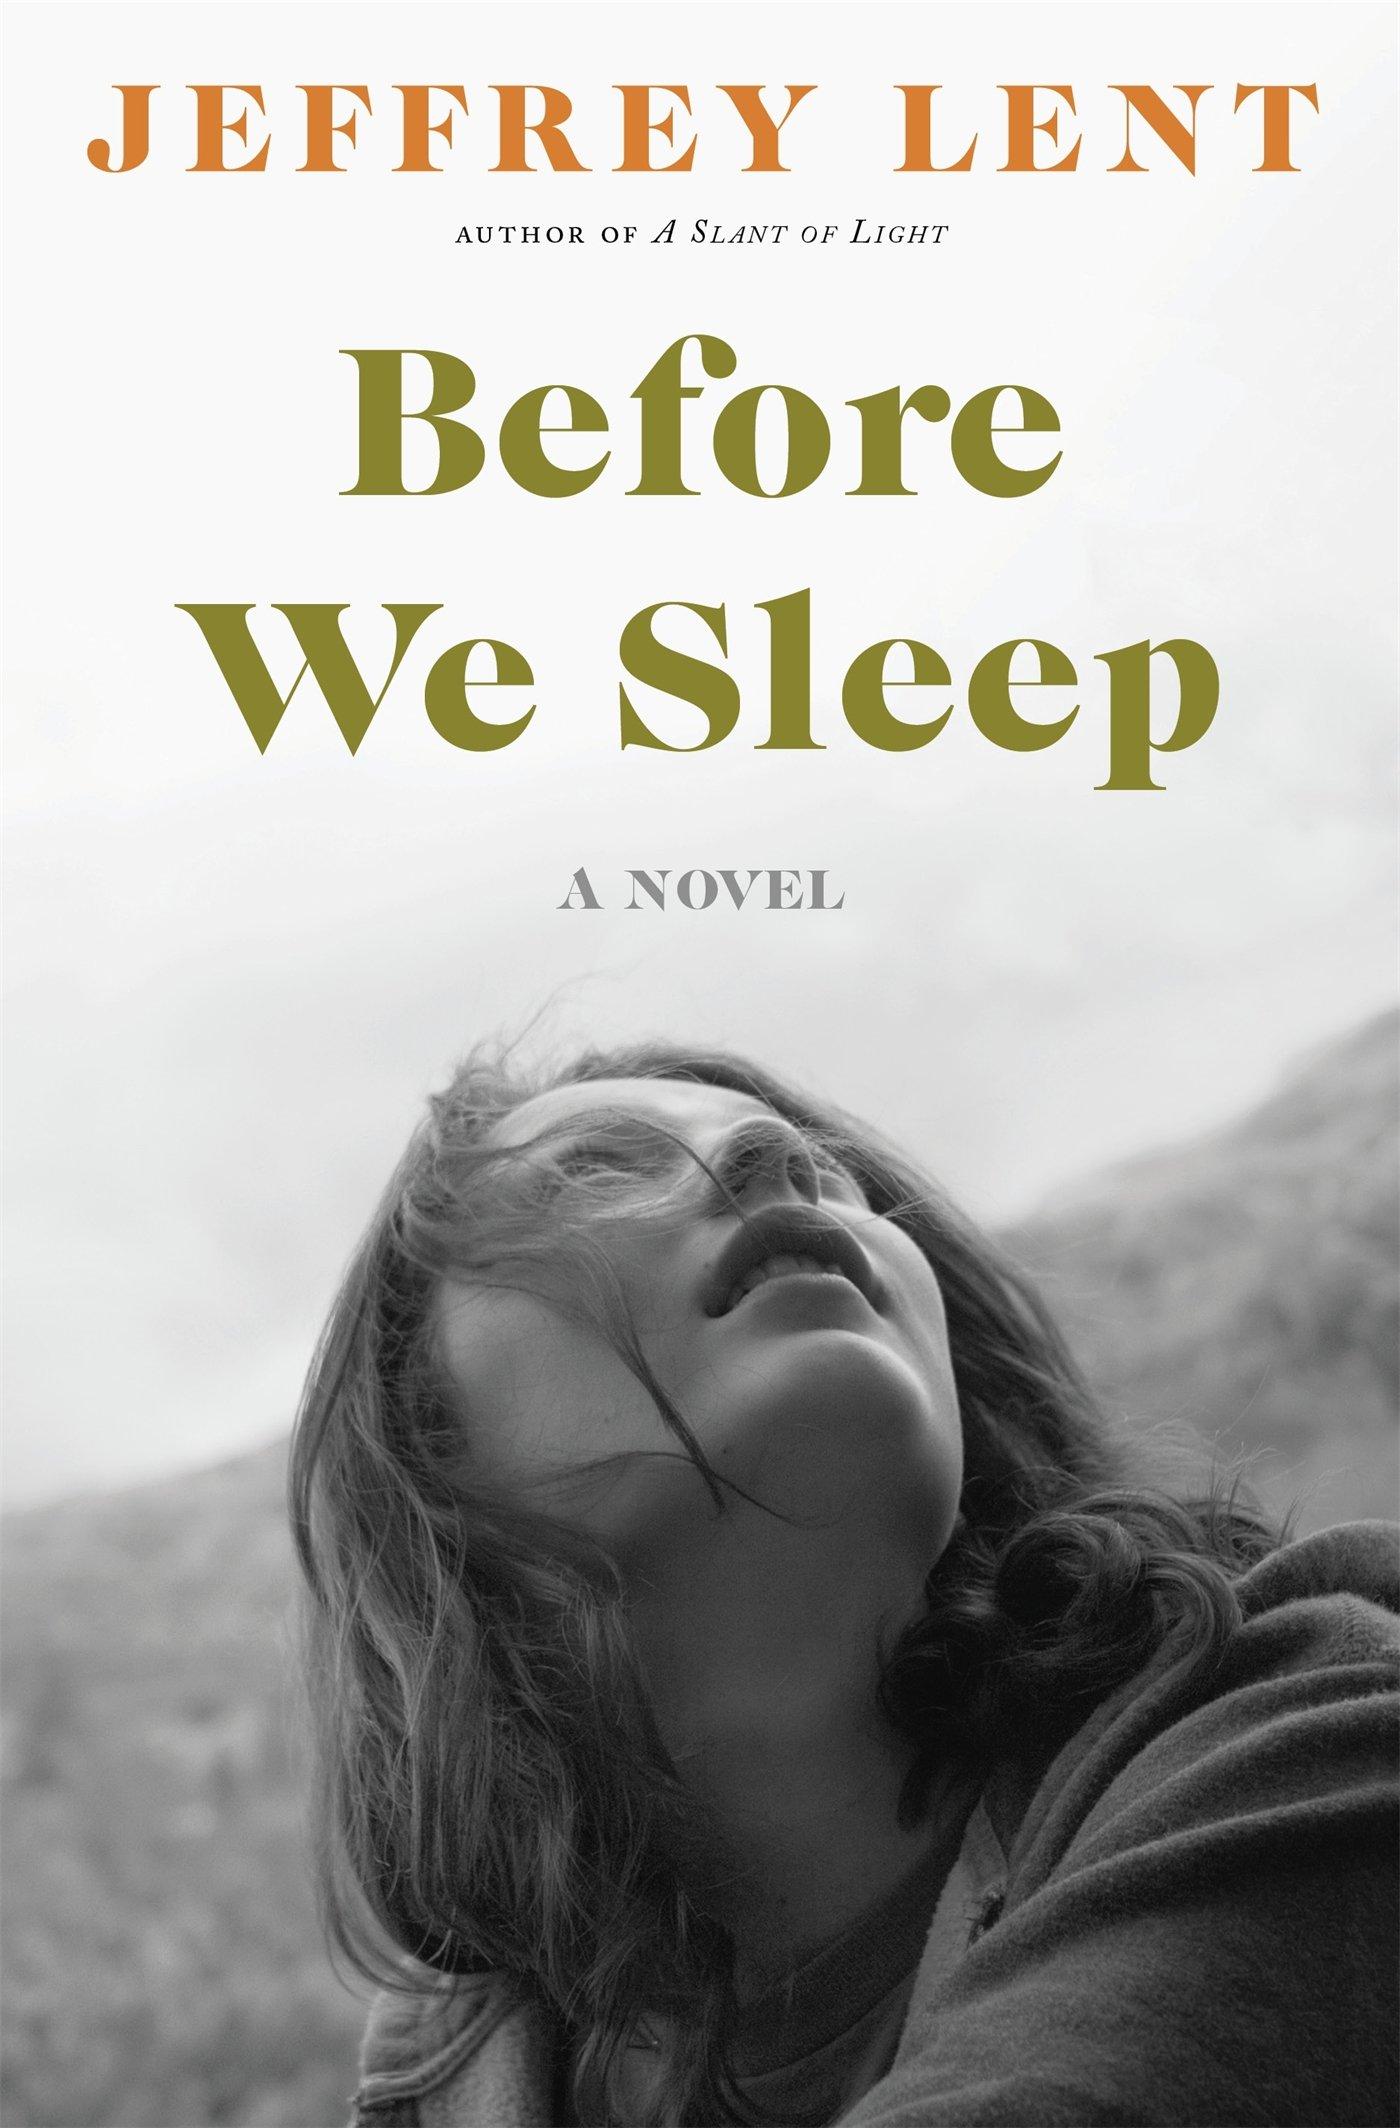 Before We Sleep: Amazon.es: Lent, Jeffrey: Libros en idiomas ...